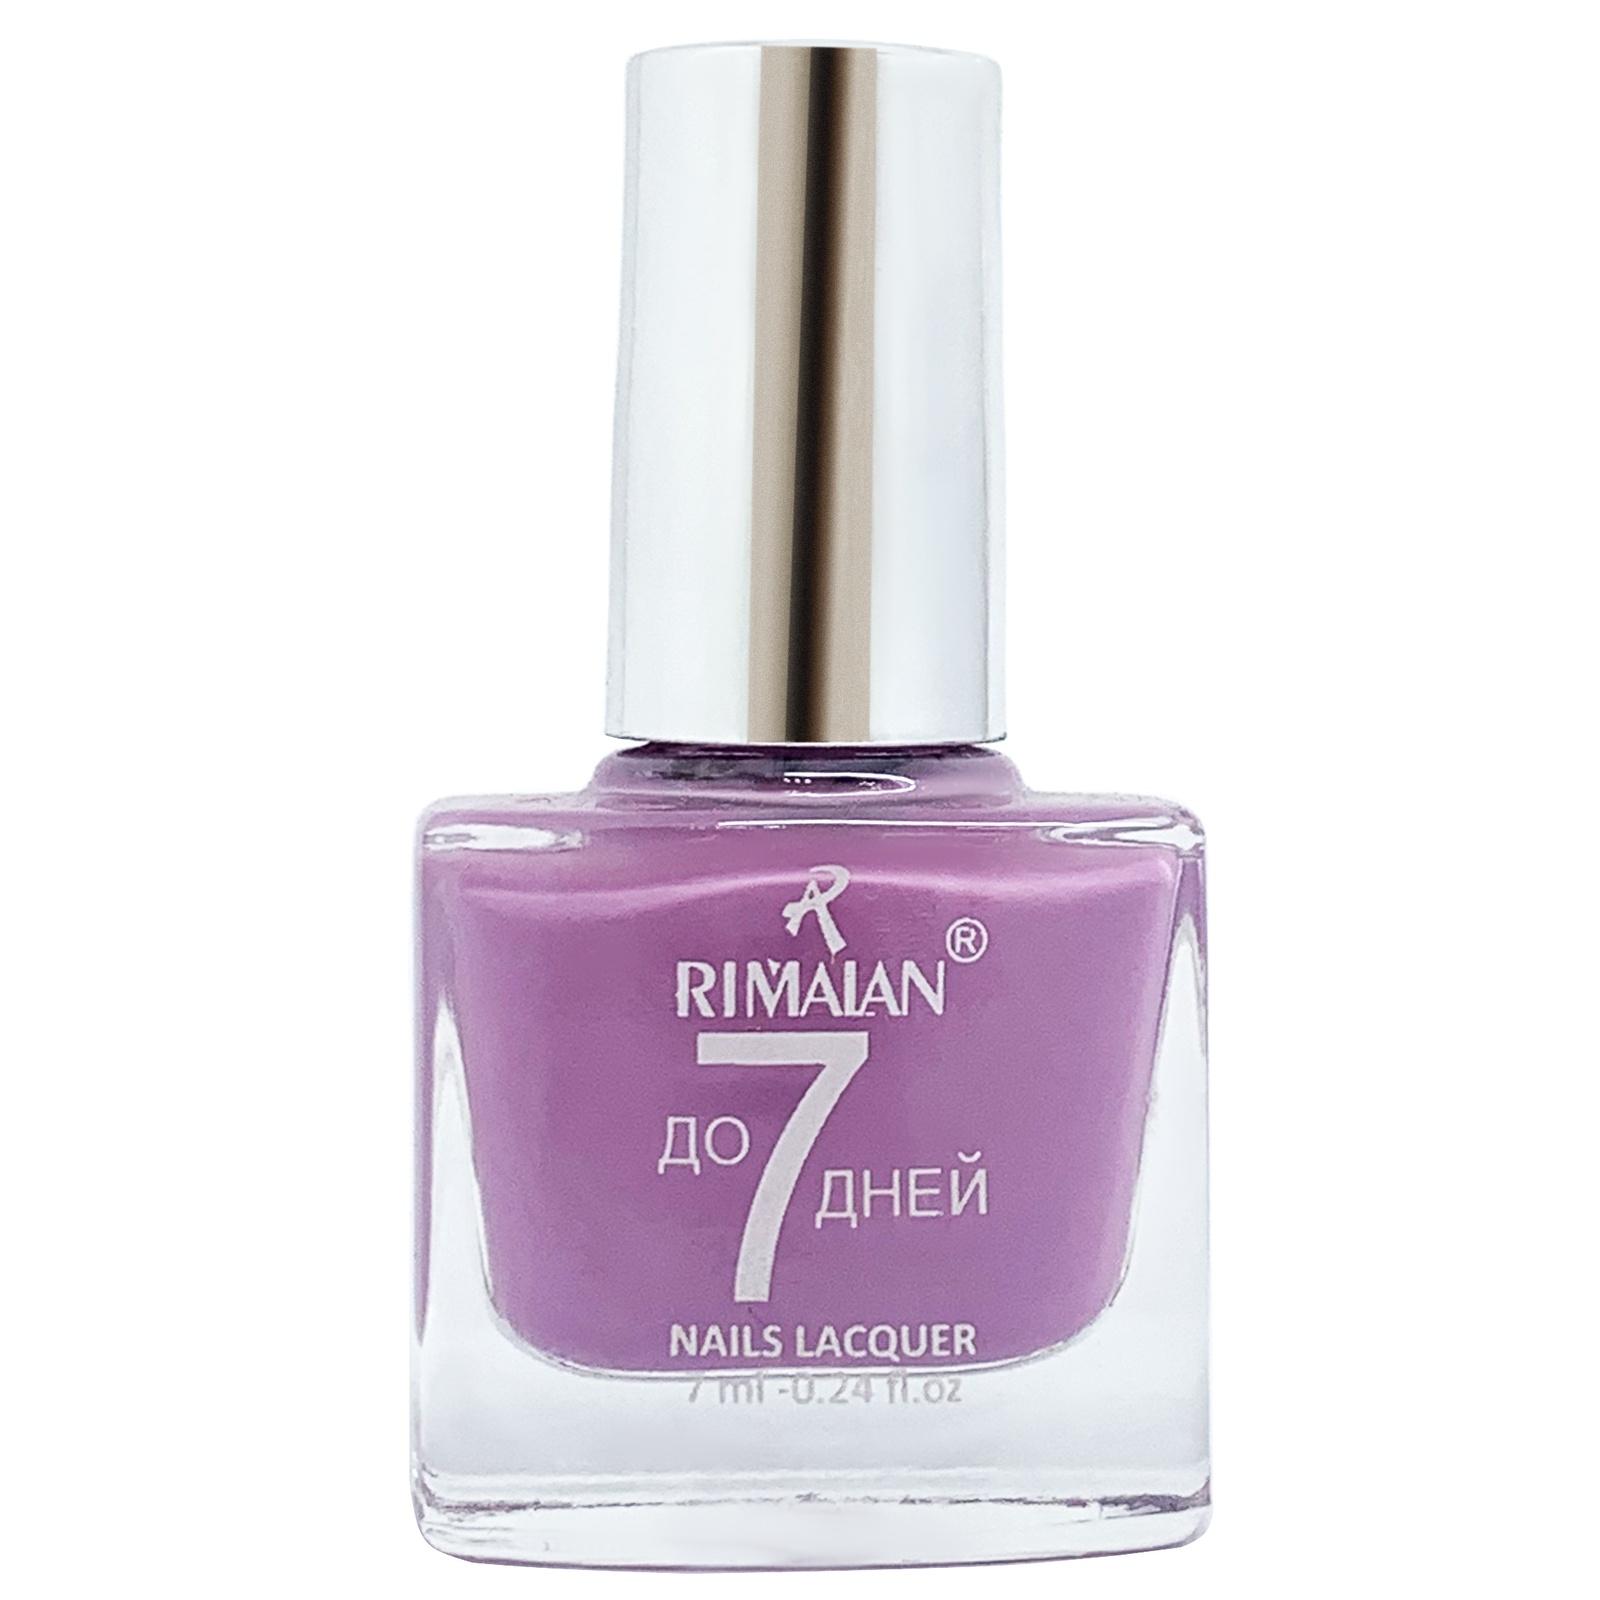 Rimalan 888-10 Лак для ногтей 7ml RNL888 до 7 дней 10 сирень